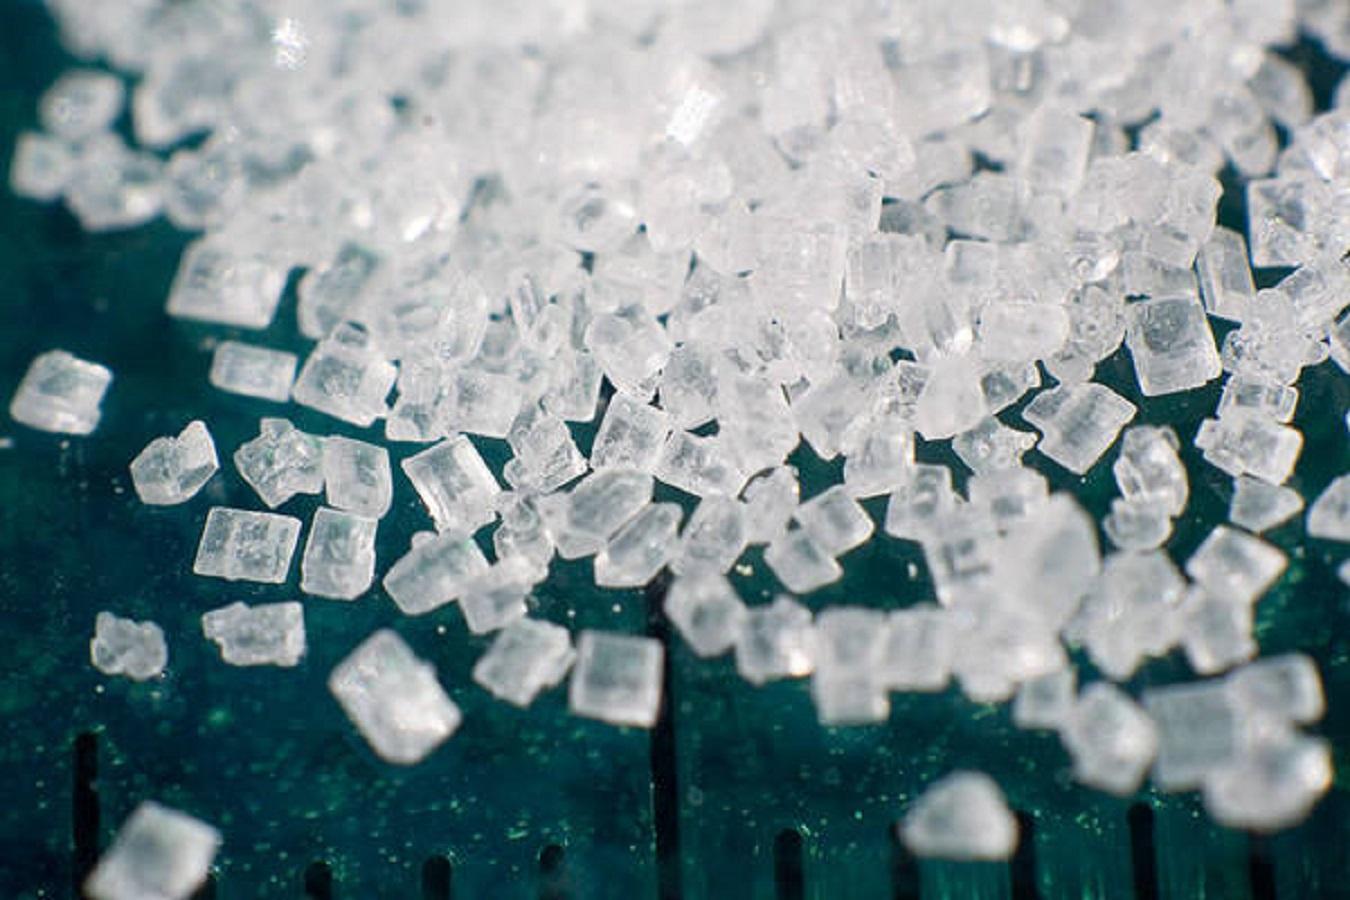 Lo zucchero può cambiare la chimica del cervello: lo studio